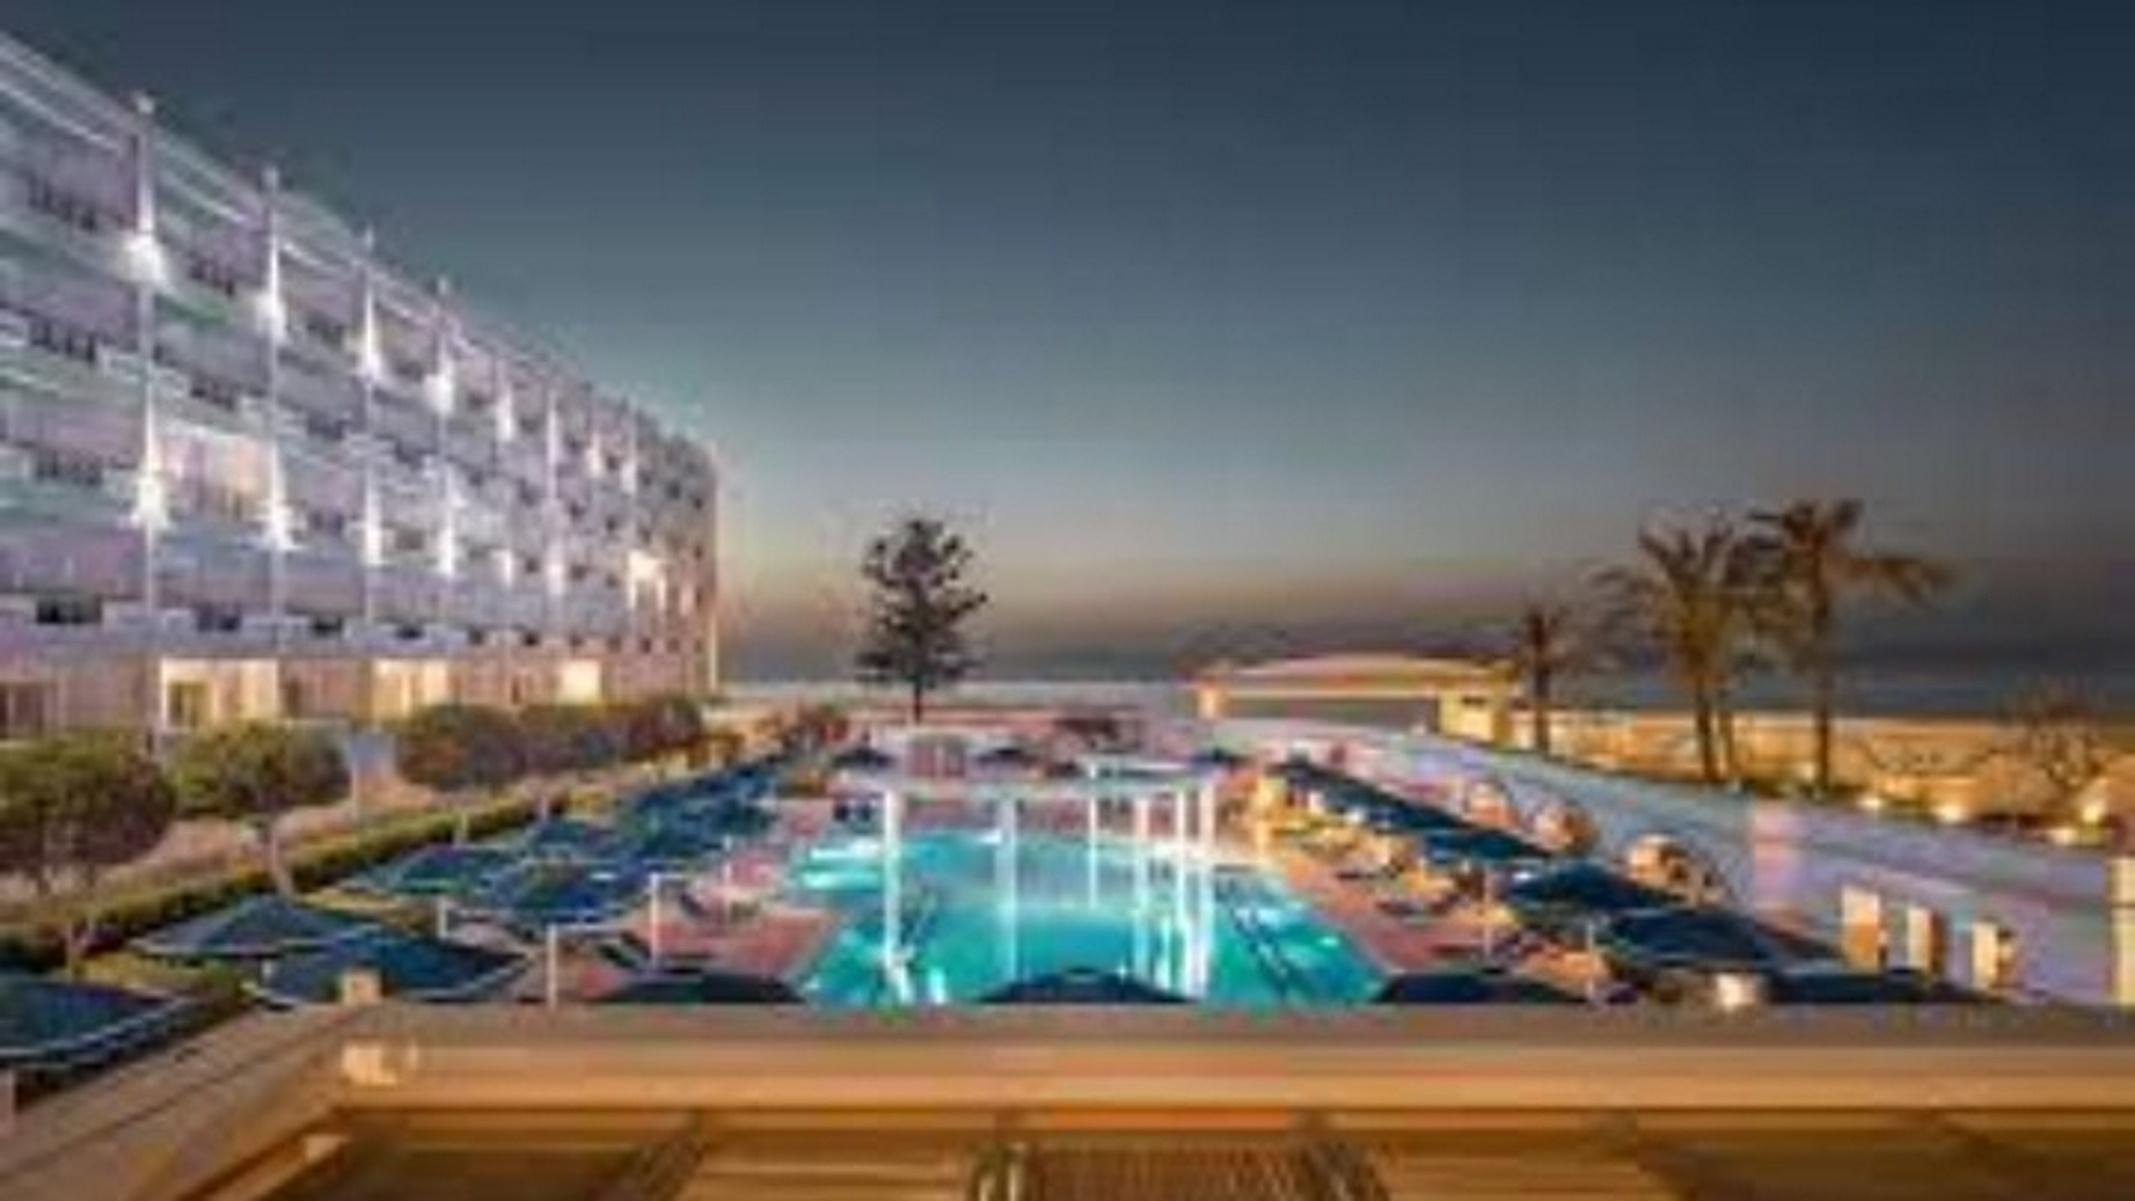 Ρόδος: «Πελάτες μου» – Ανοίγουν πάνω από 200 ξενοδοχεία – 14 πτήσεις τσάρτερ στο νησί